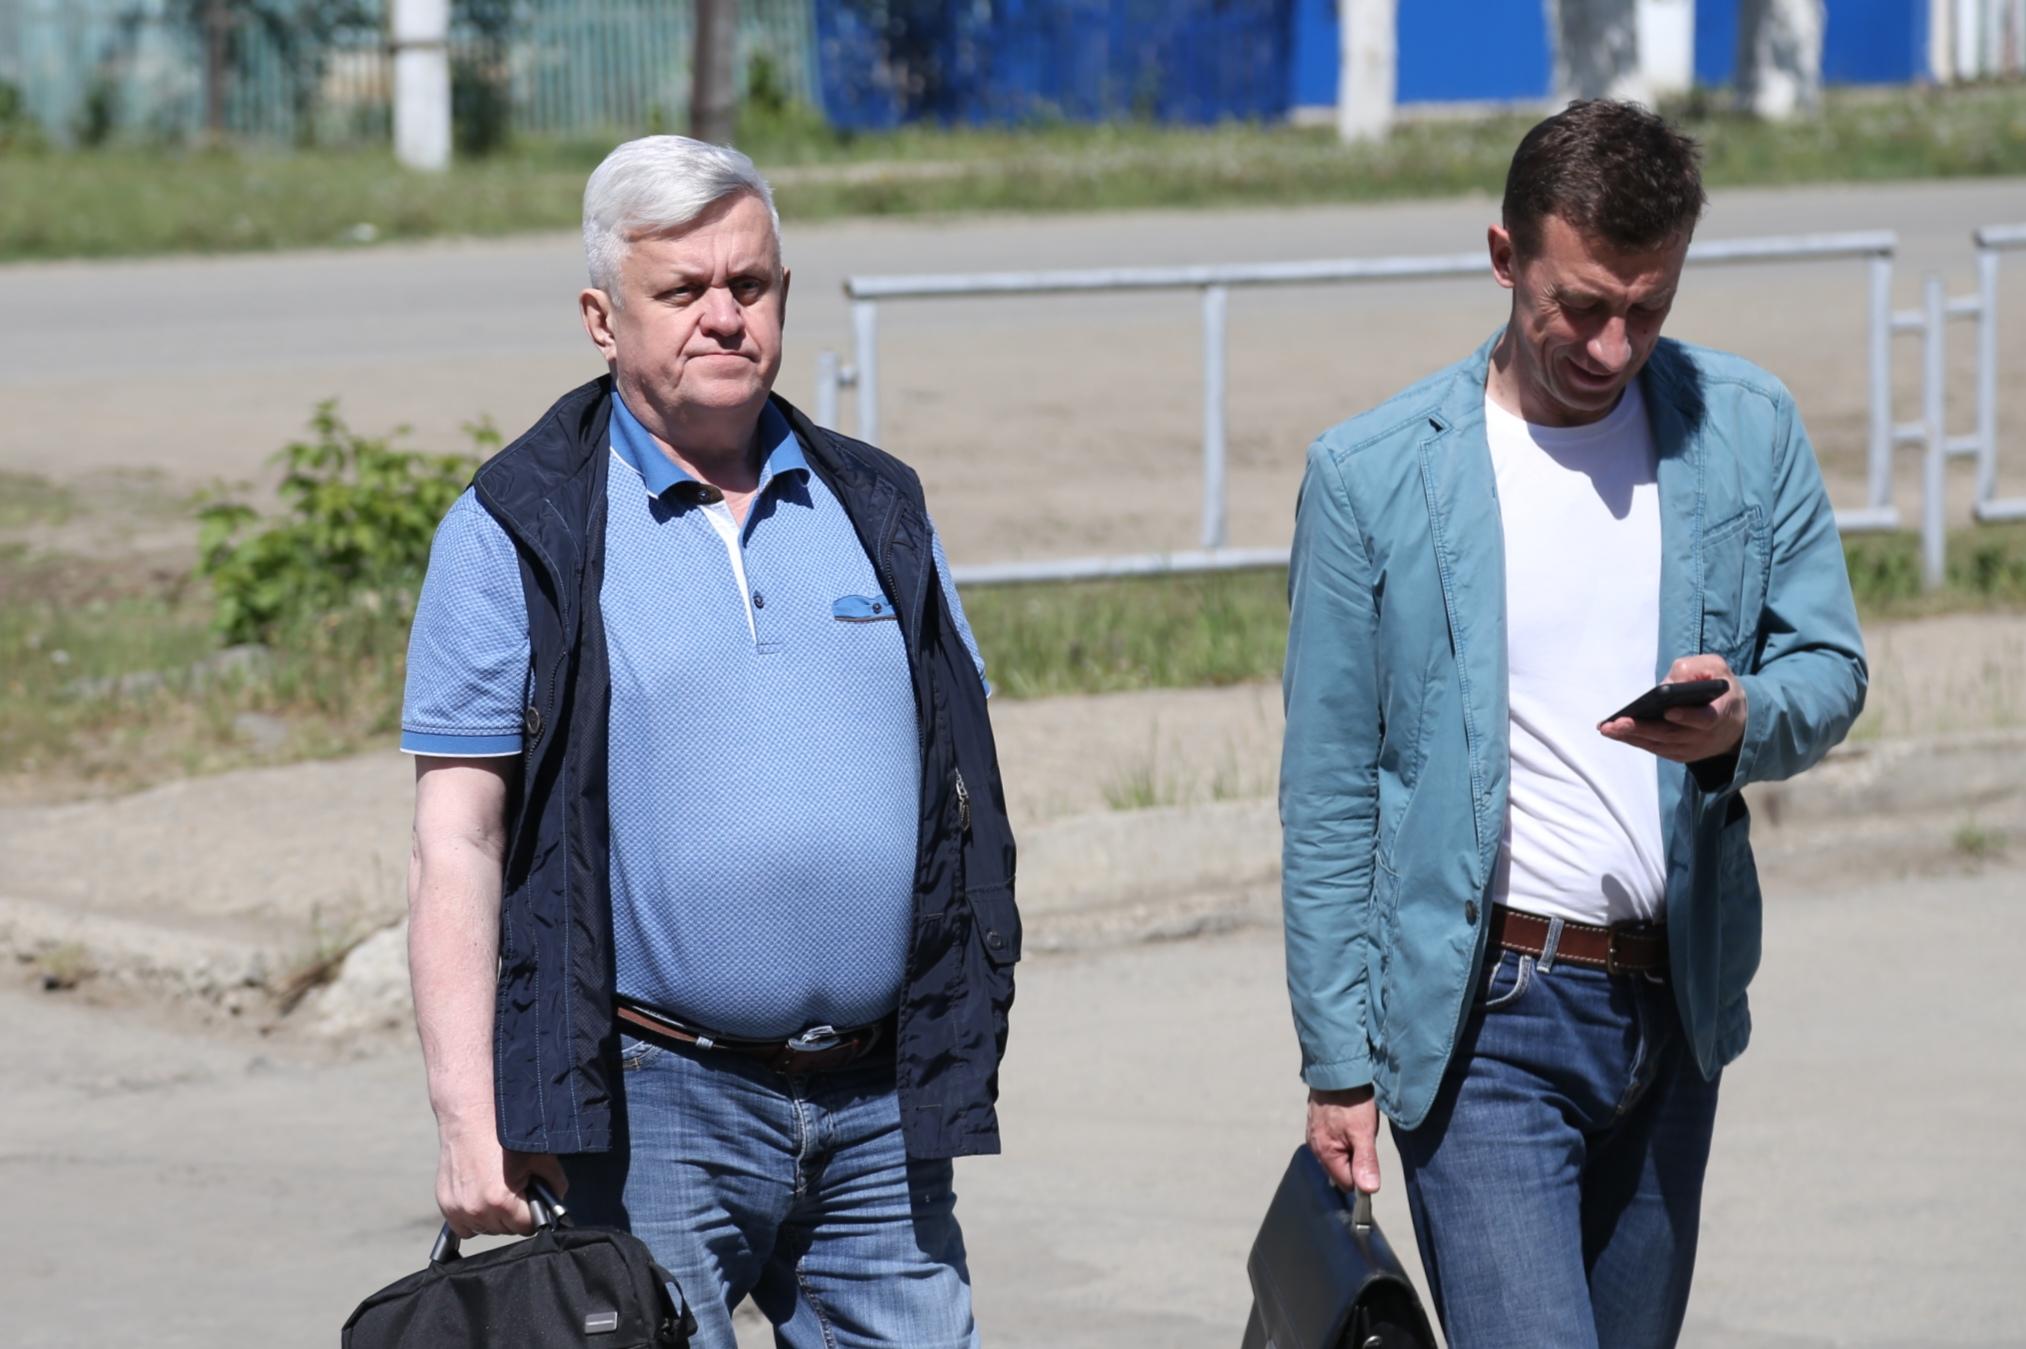 Андрей Косилов (слева) и его адвокат Николай Шиманович передали потерпевшей стороне проект мирового соглашения